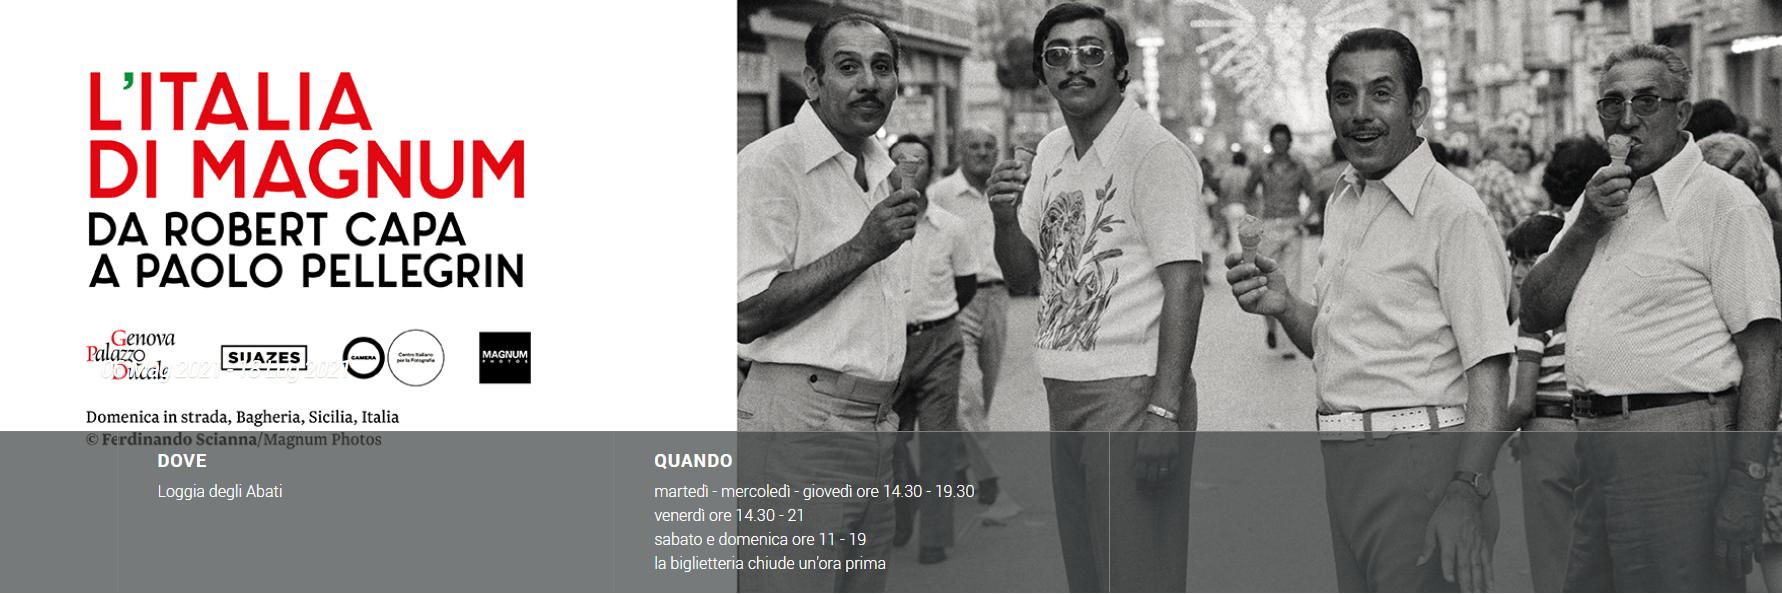 Foto di Cesenatico nella mostra della Magnum